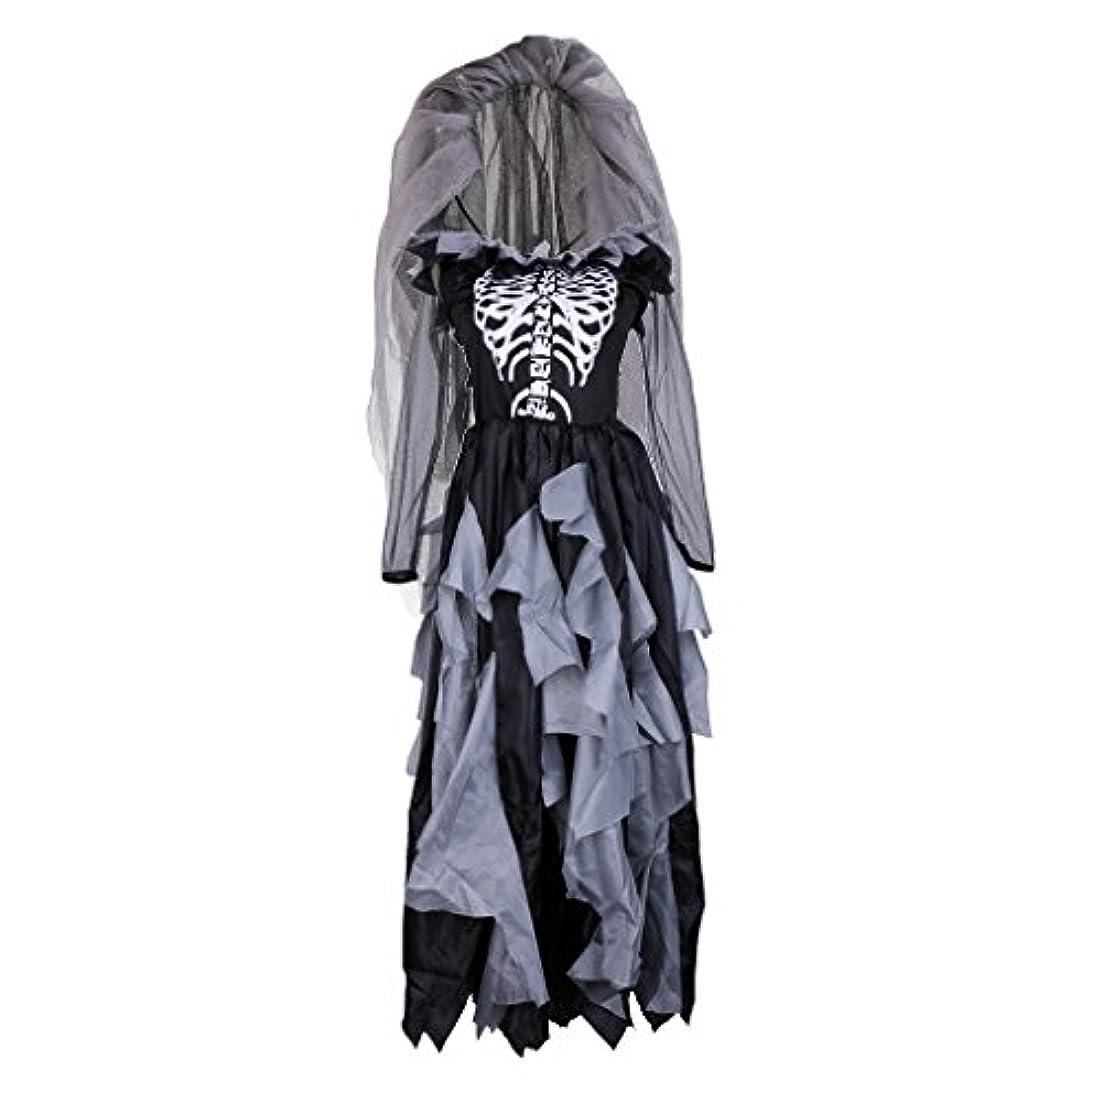 同意自発的最小化するBlesiya レディー ゾンビ ゴースト ブライド コスチューム ハロウィーン パーティー衣装 ファンシー ドレス